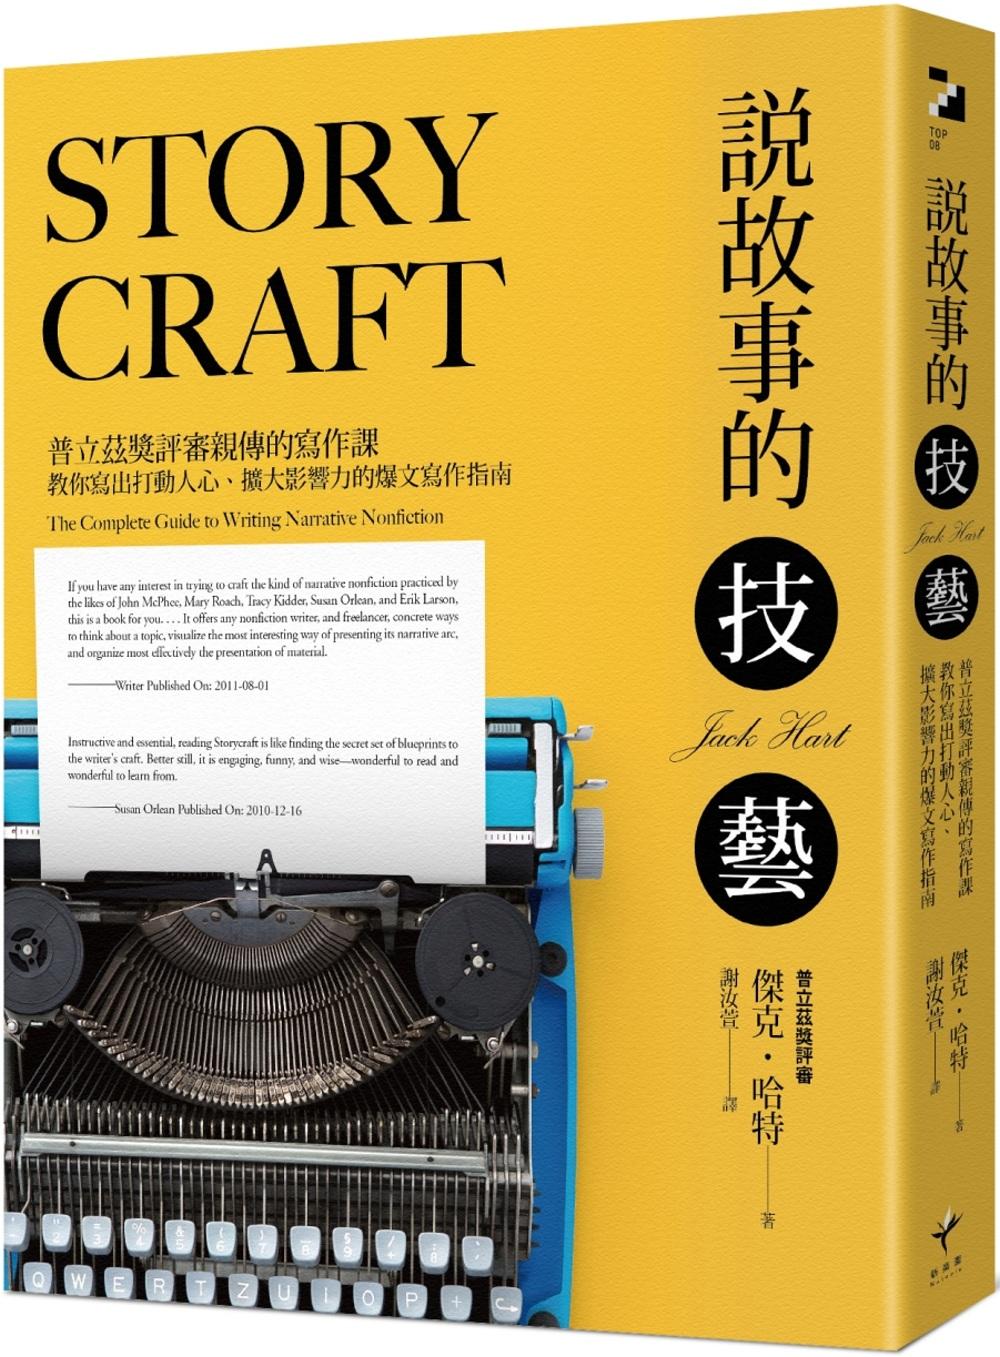 說故事的技藝:普立茲獎評審親傳的寫作課,教你寫出打動人心、擴大影響力的爆文寫作指南